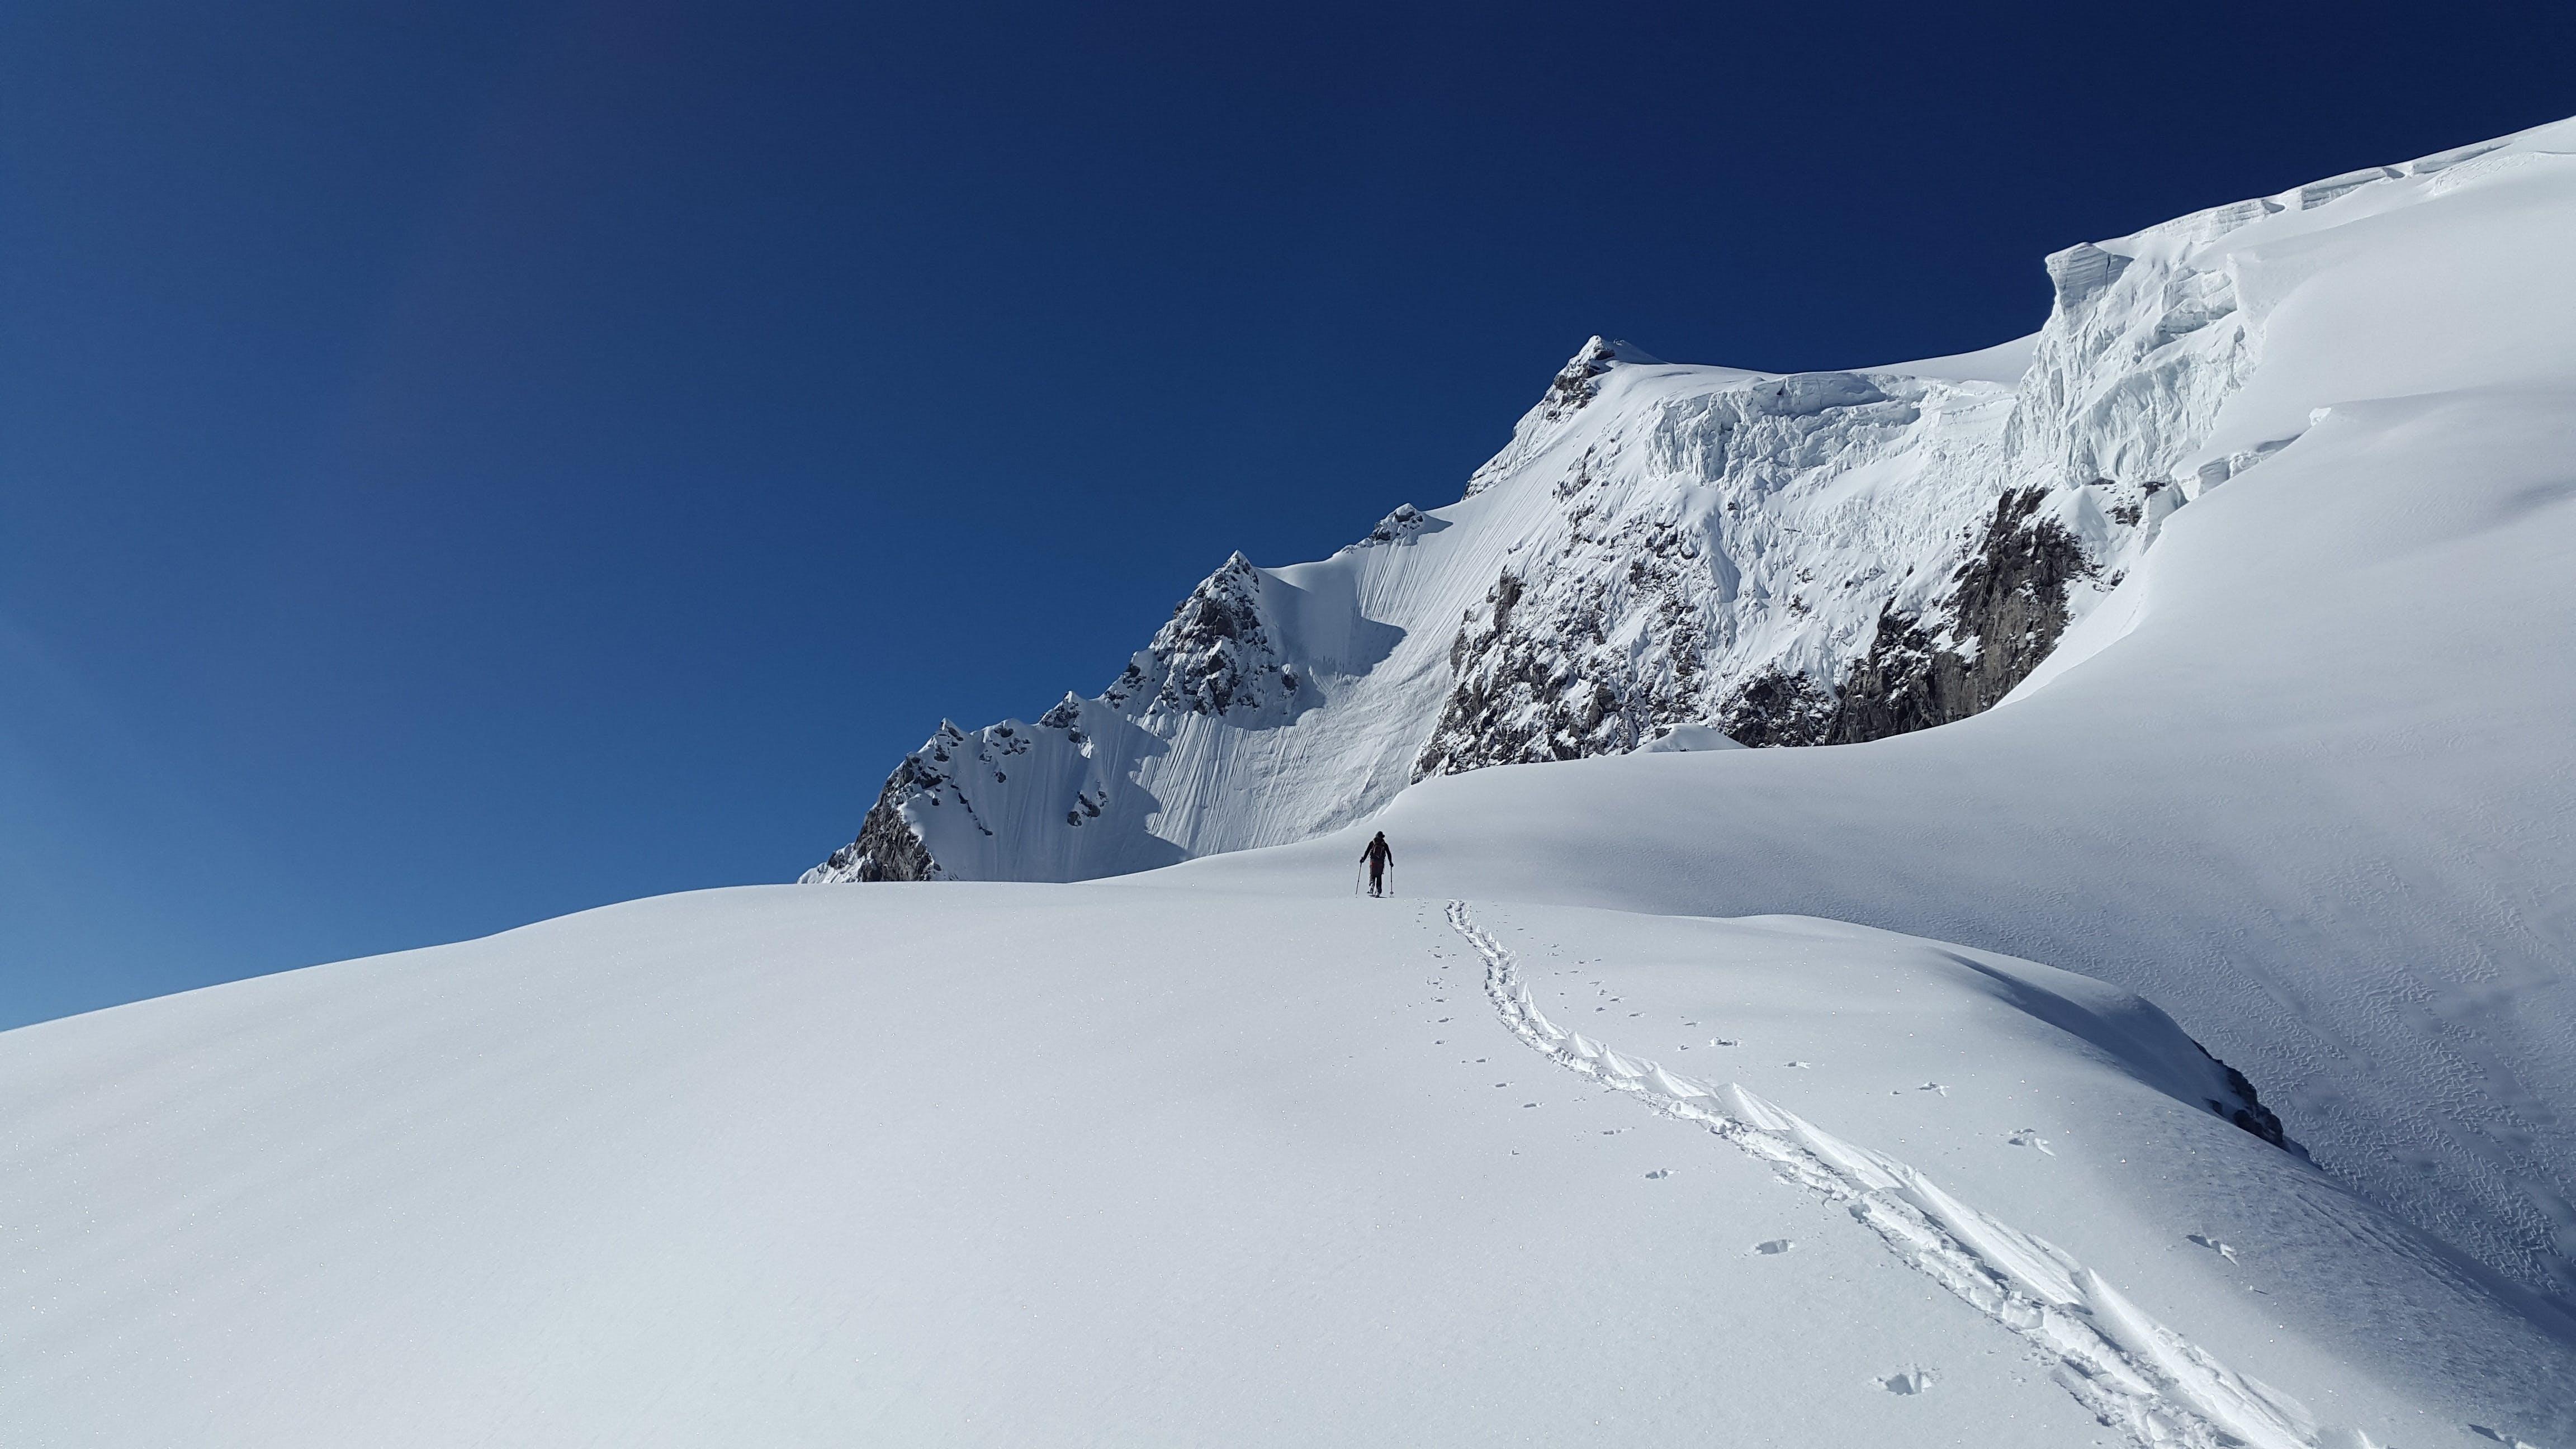 Gratis lagerfoto af bjerg, bjergbestiger, eventyr, forkølelse